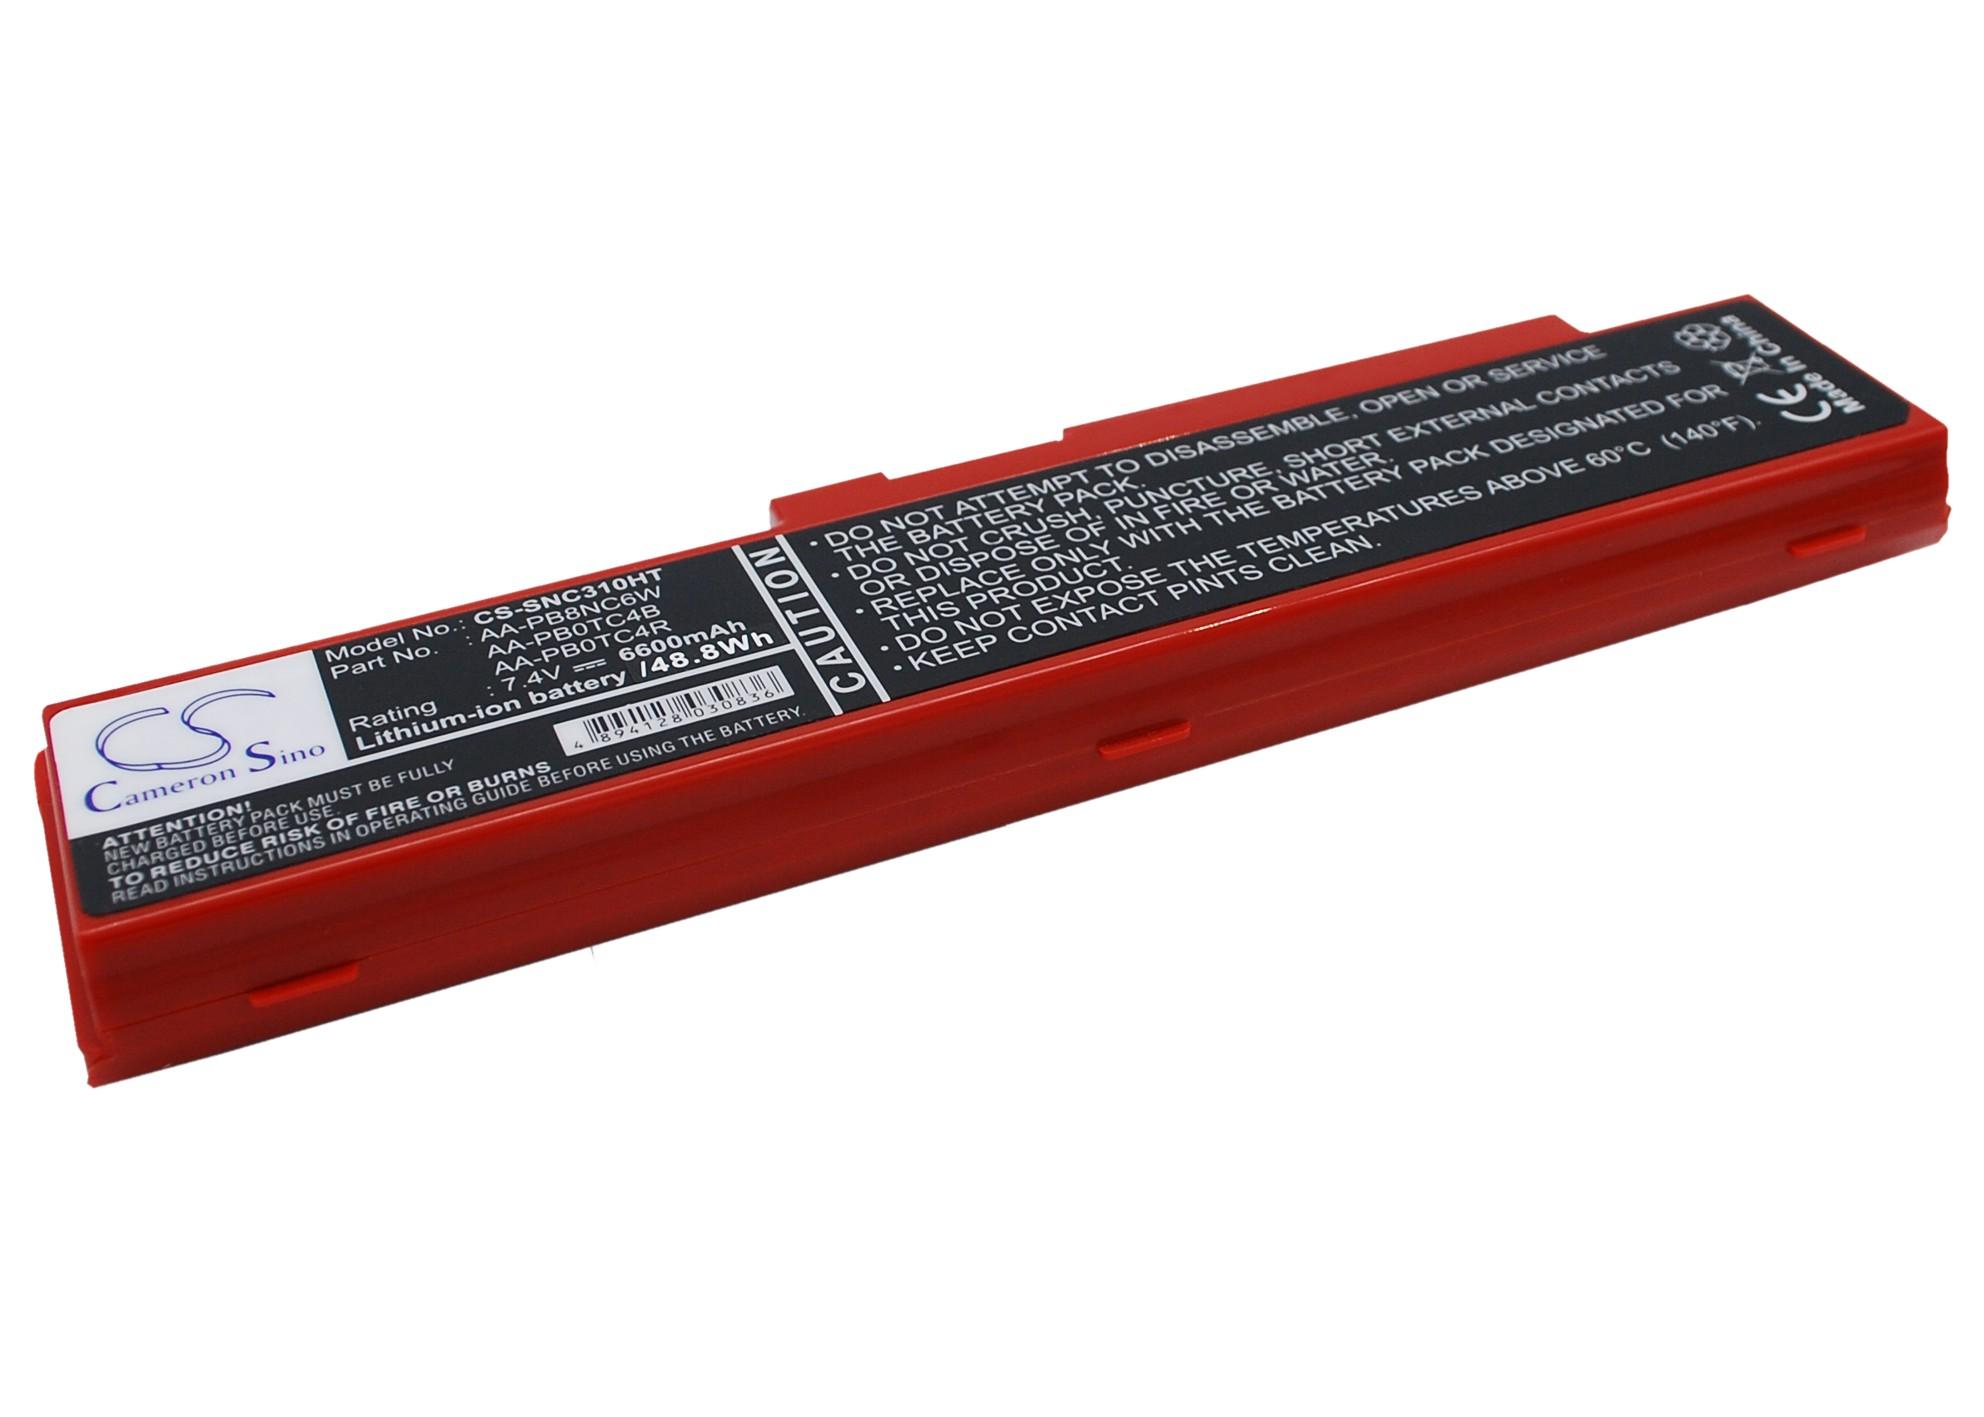 Cameron Sino baterie do netbooků pro SAMSUNG NP-X120-FA03 7.4V Li-ion 6600mAh červená - neoriginální